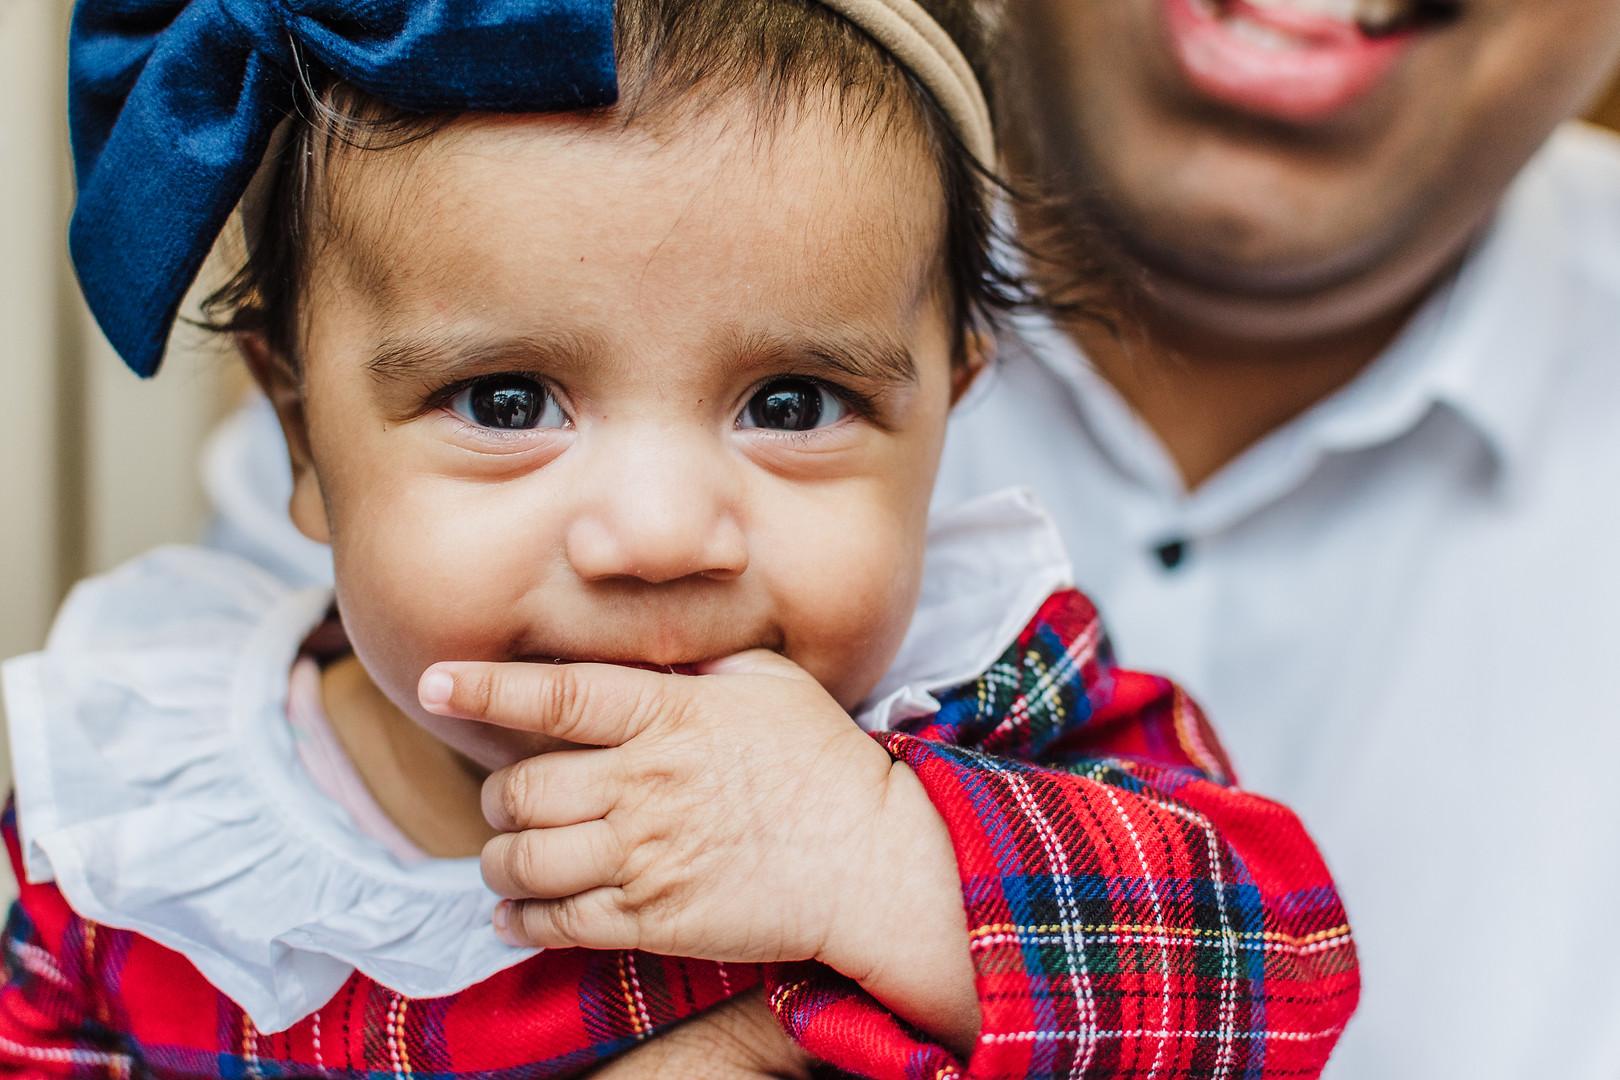 Baby chewing fingers taken by Natalie Av